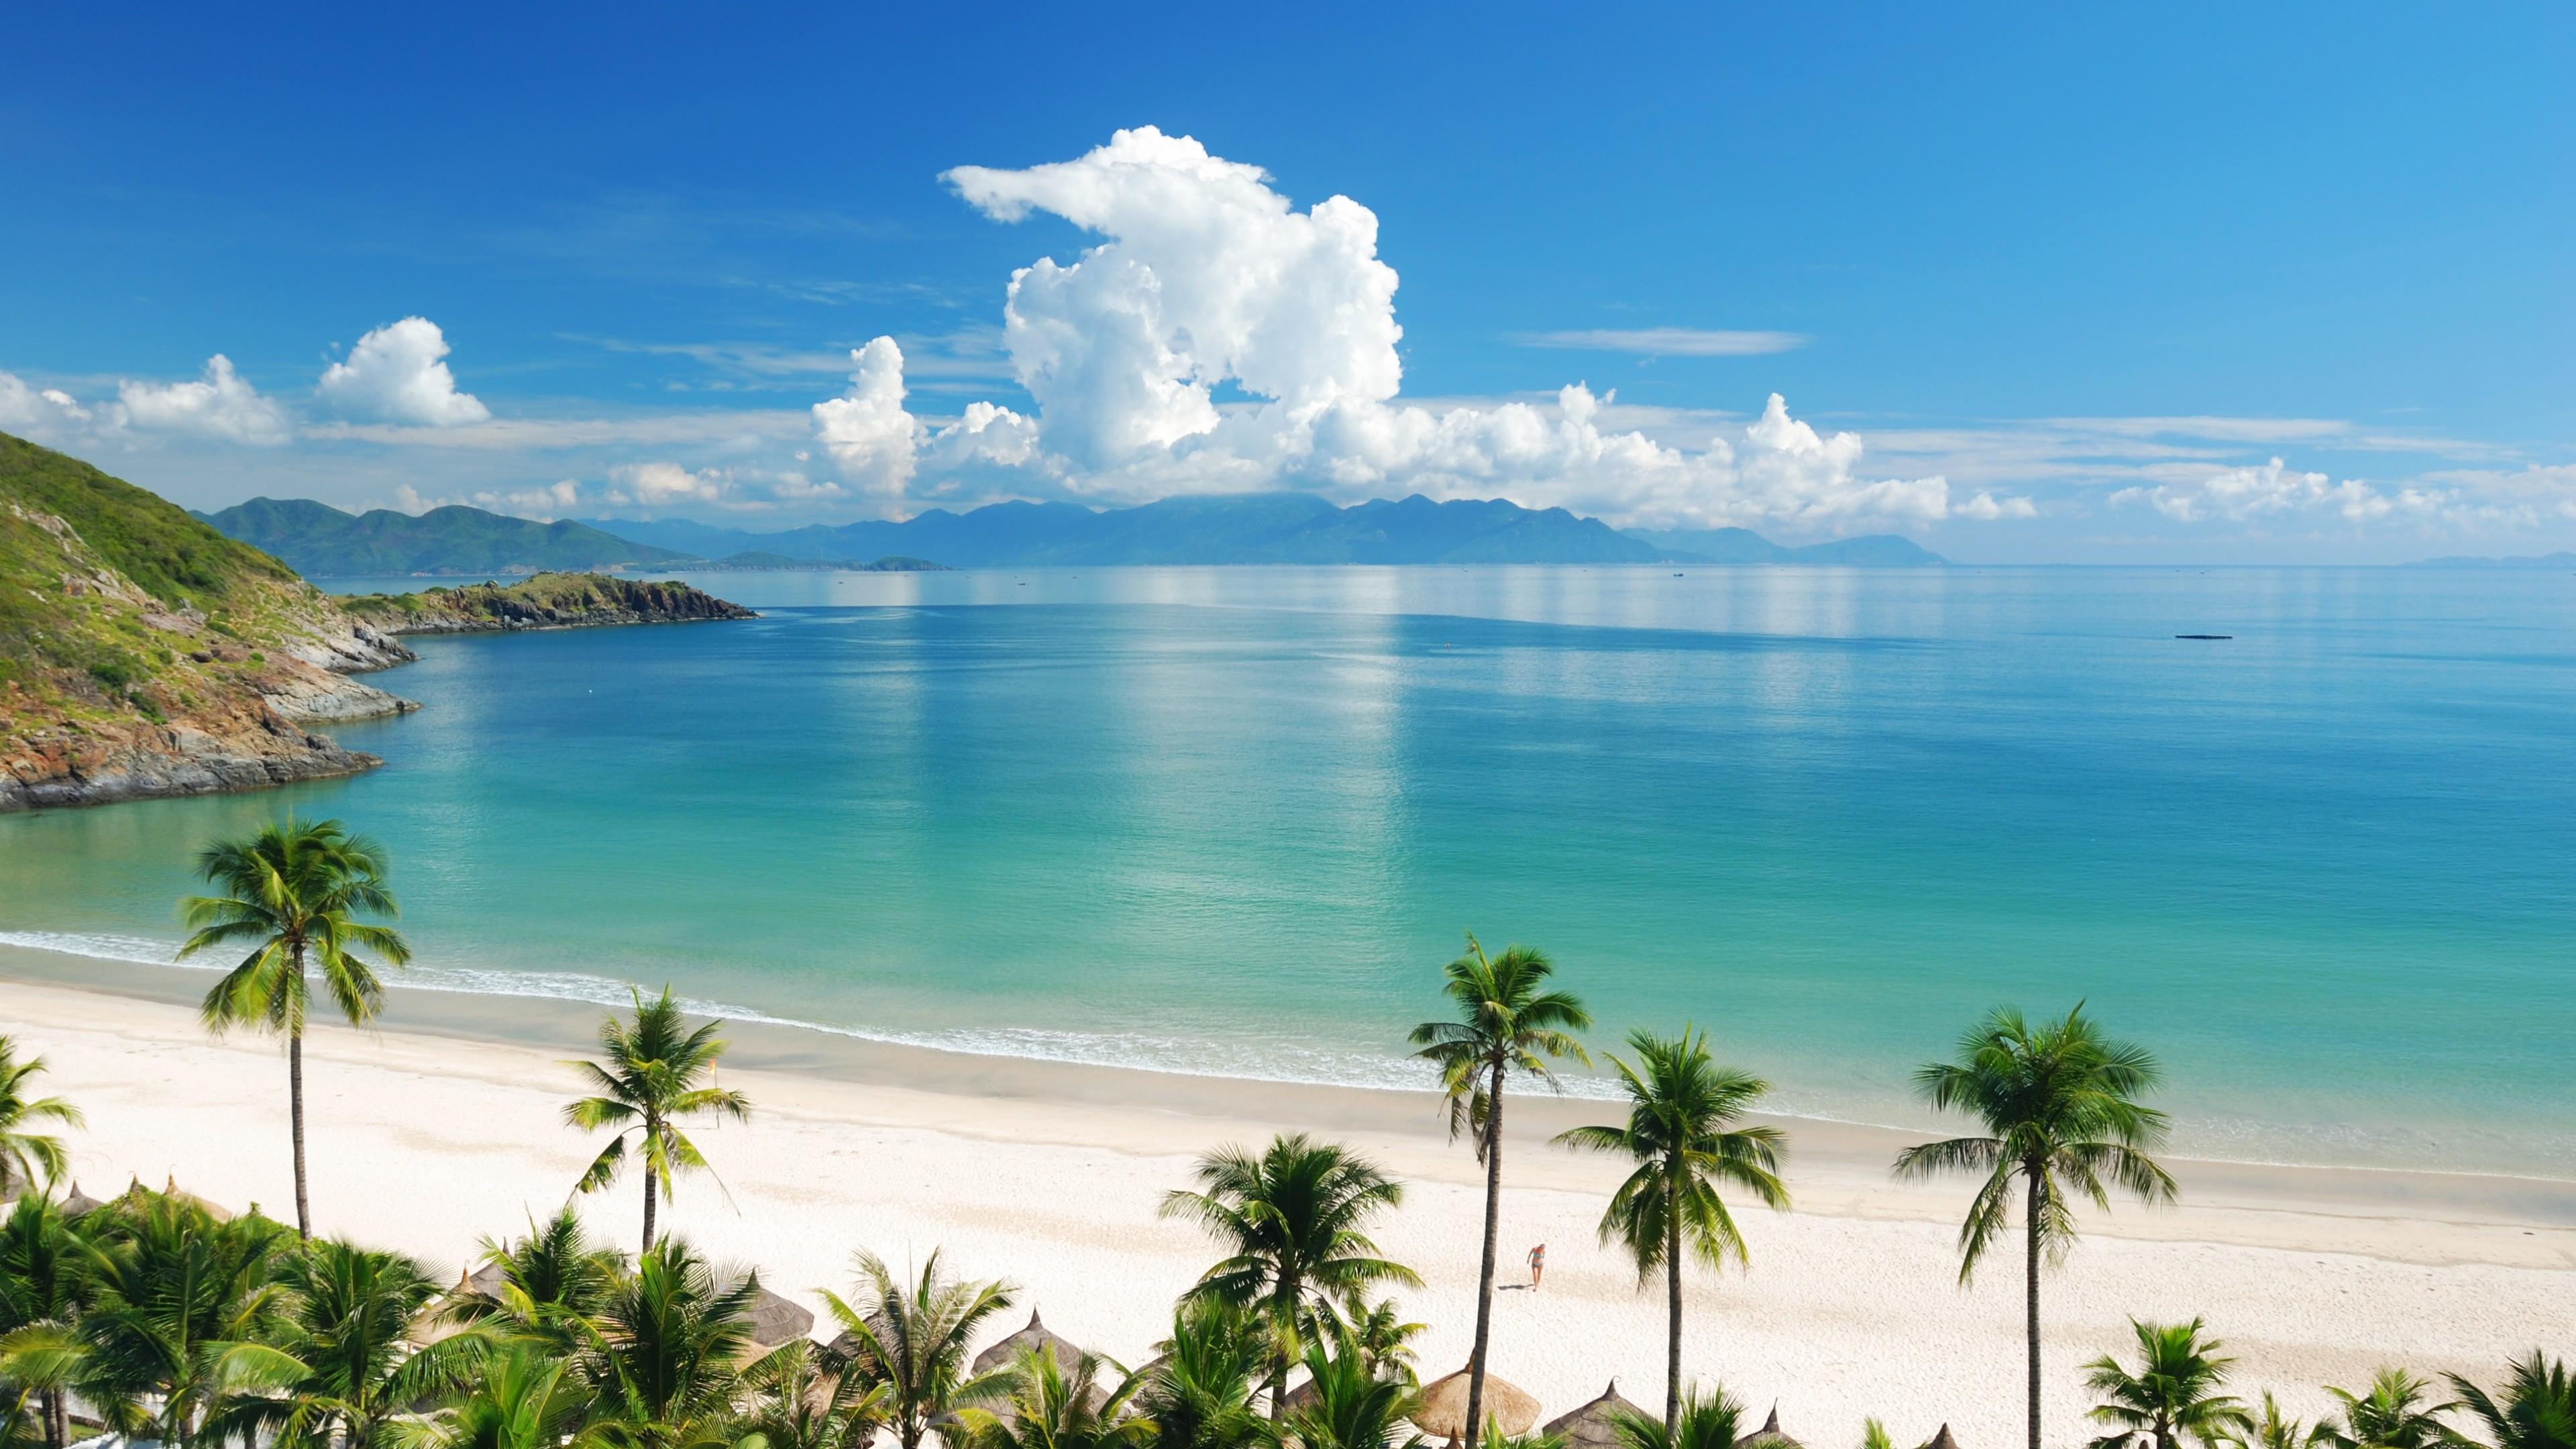 Panoramic Beach Wallpapers Photo